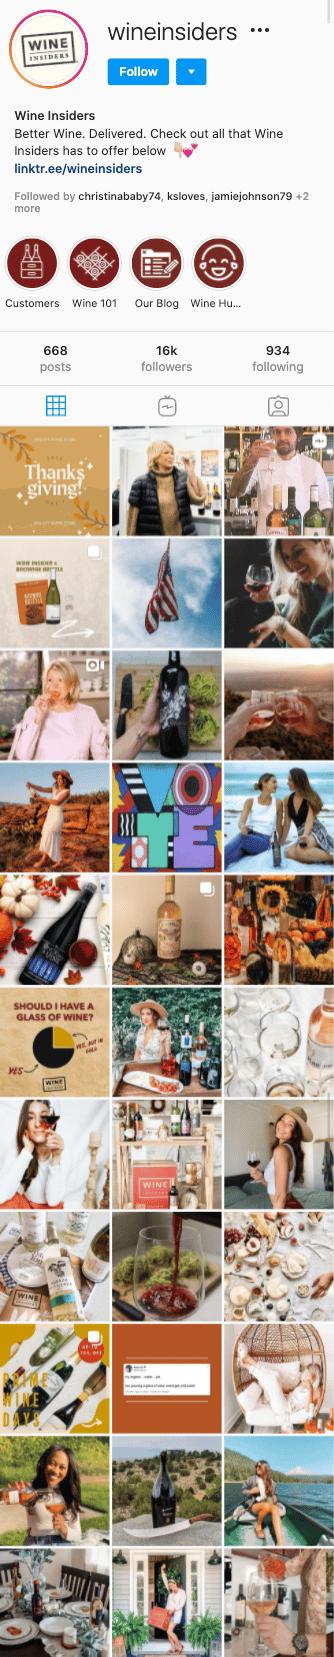 wine insiders instagram feed